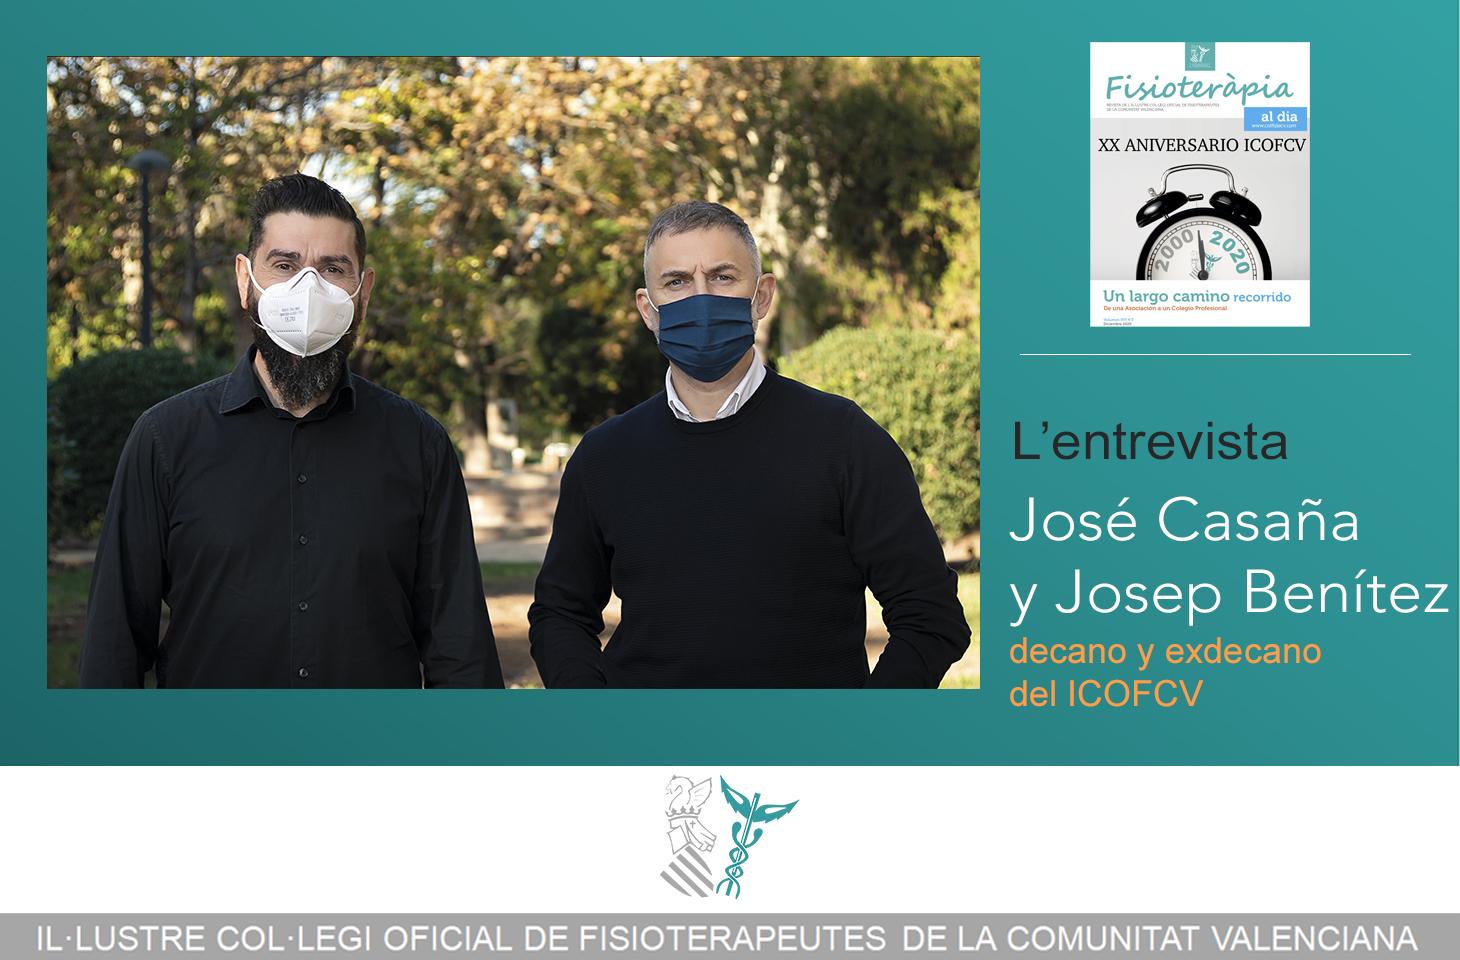 Entrevista a José Casaña y Josep Benítez, decano y exdecano del ICOFCV